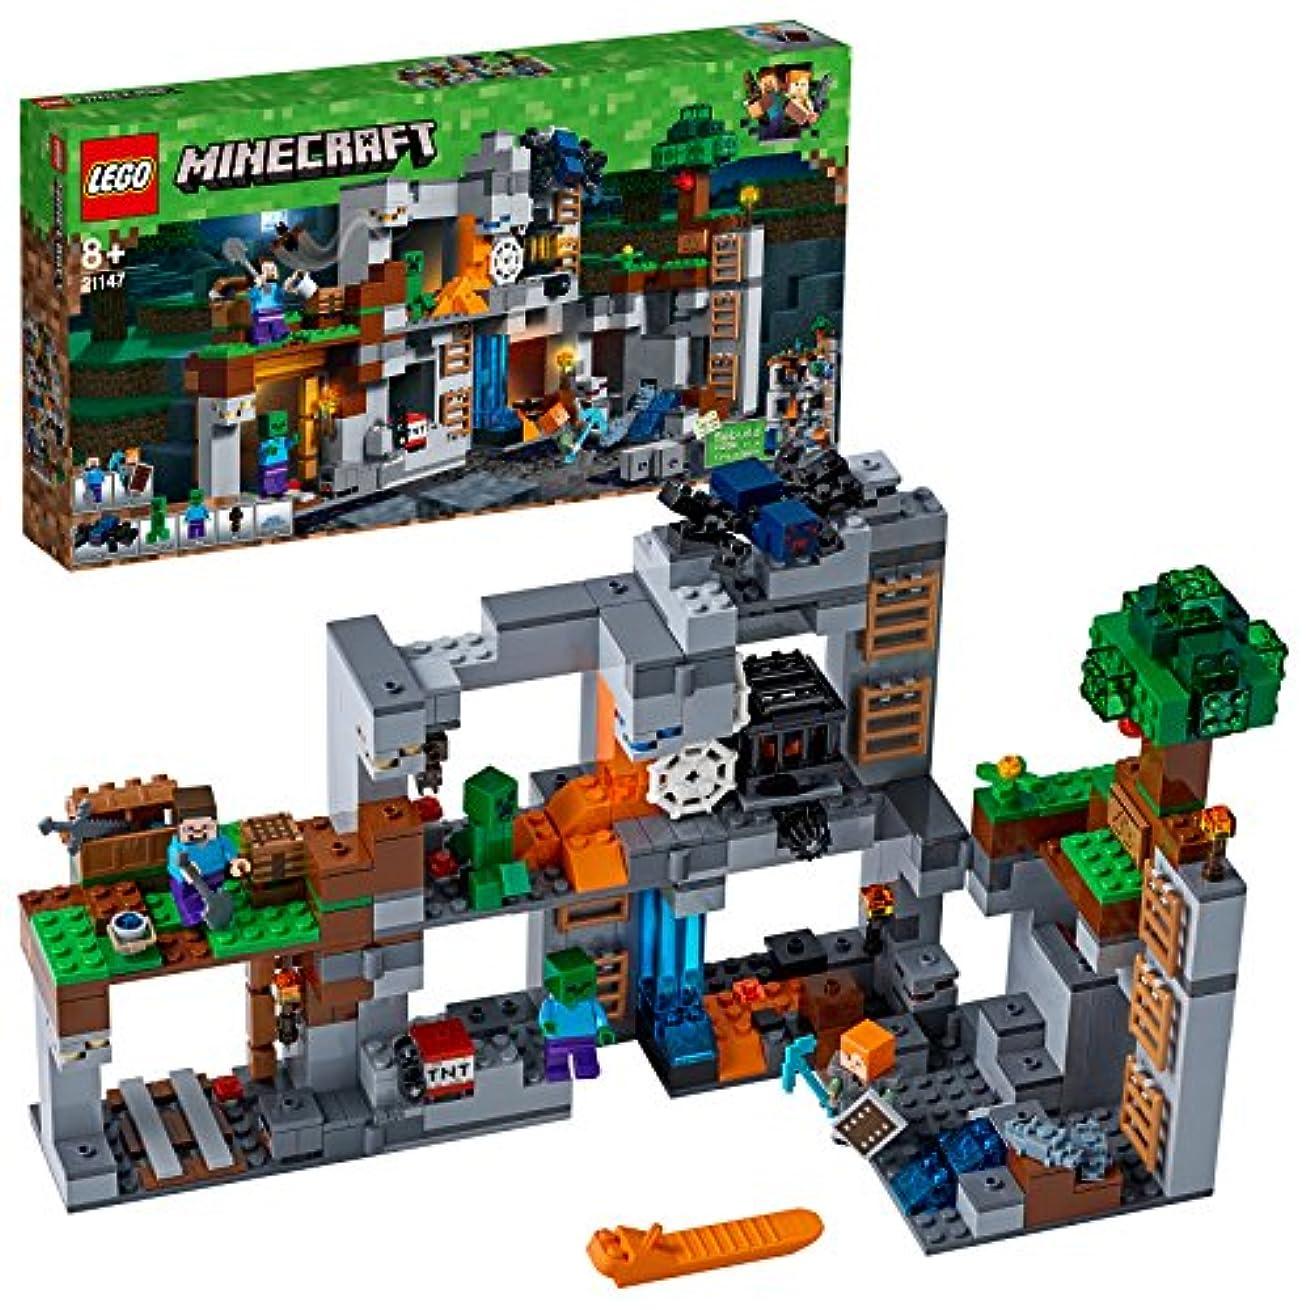 半球知的するだろうレゴ(LEGO)マインクラフト ベッドロックの冒険 21147 ブロック おもちゃ 男の子